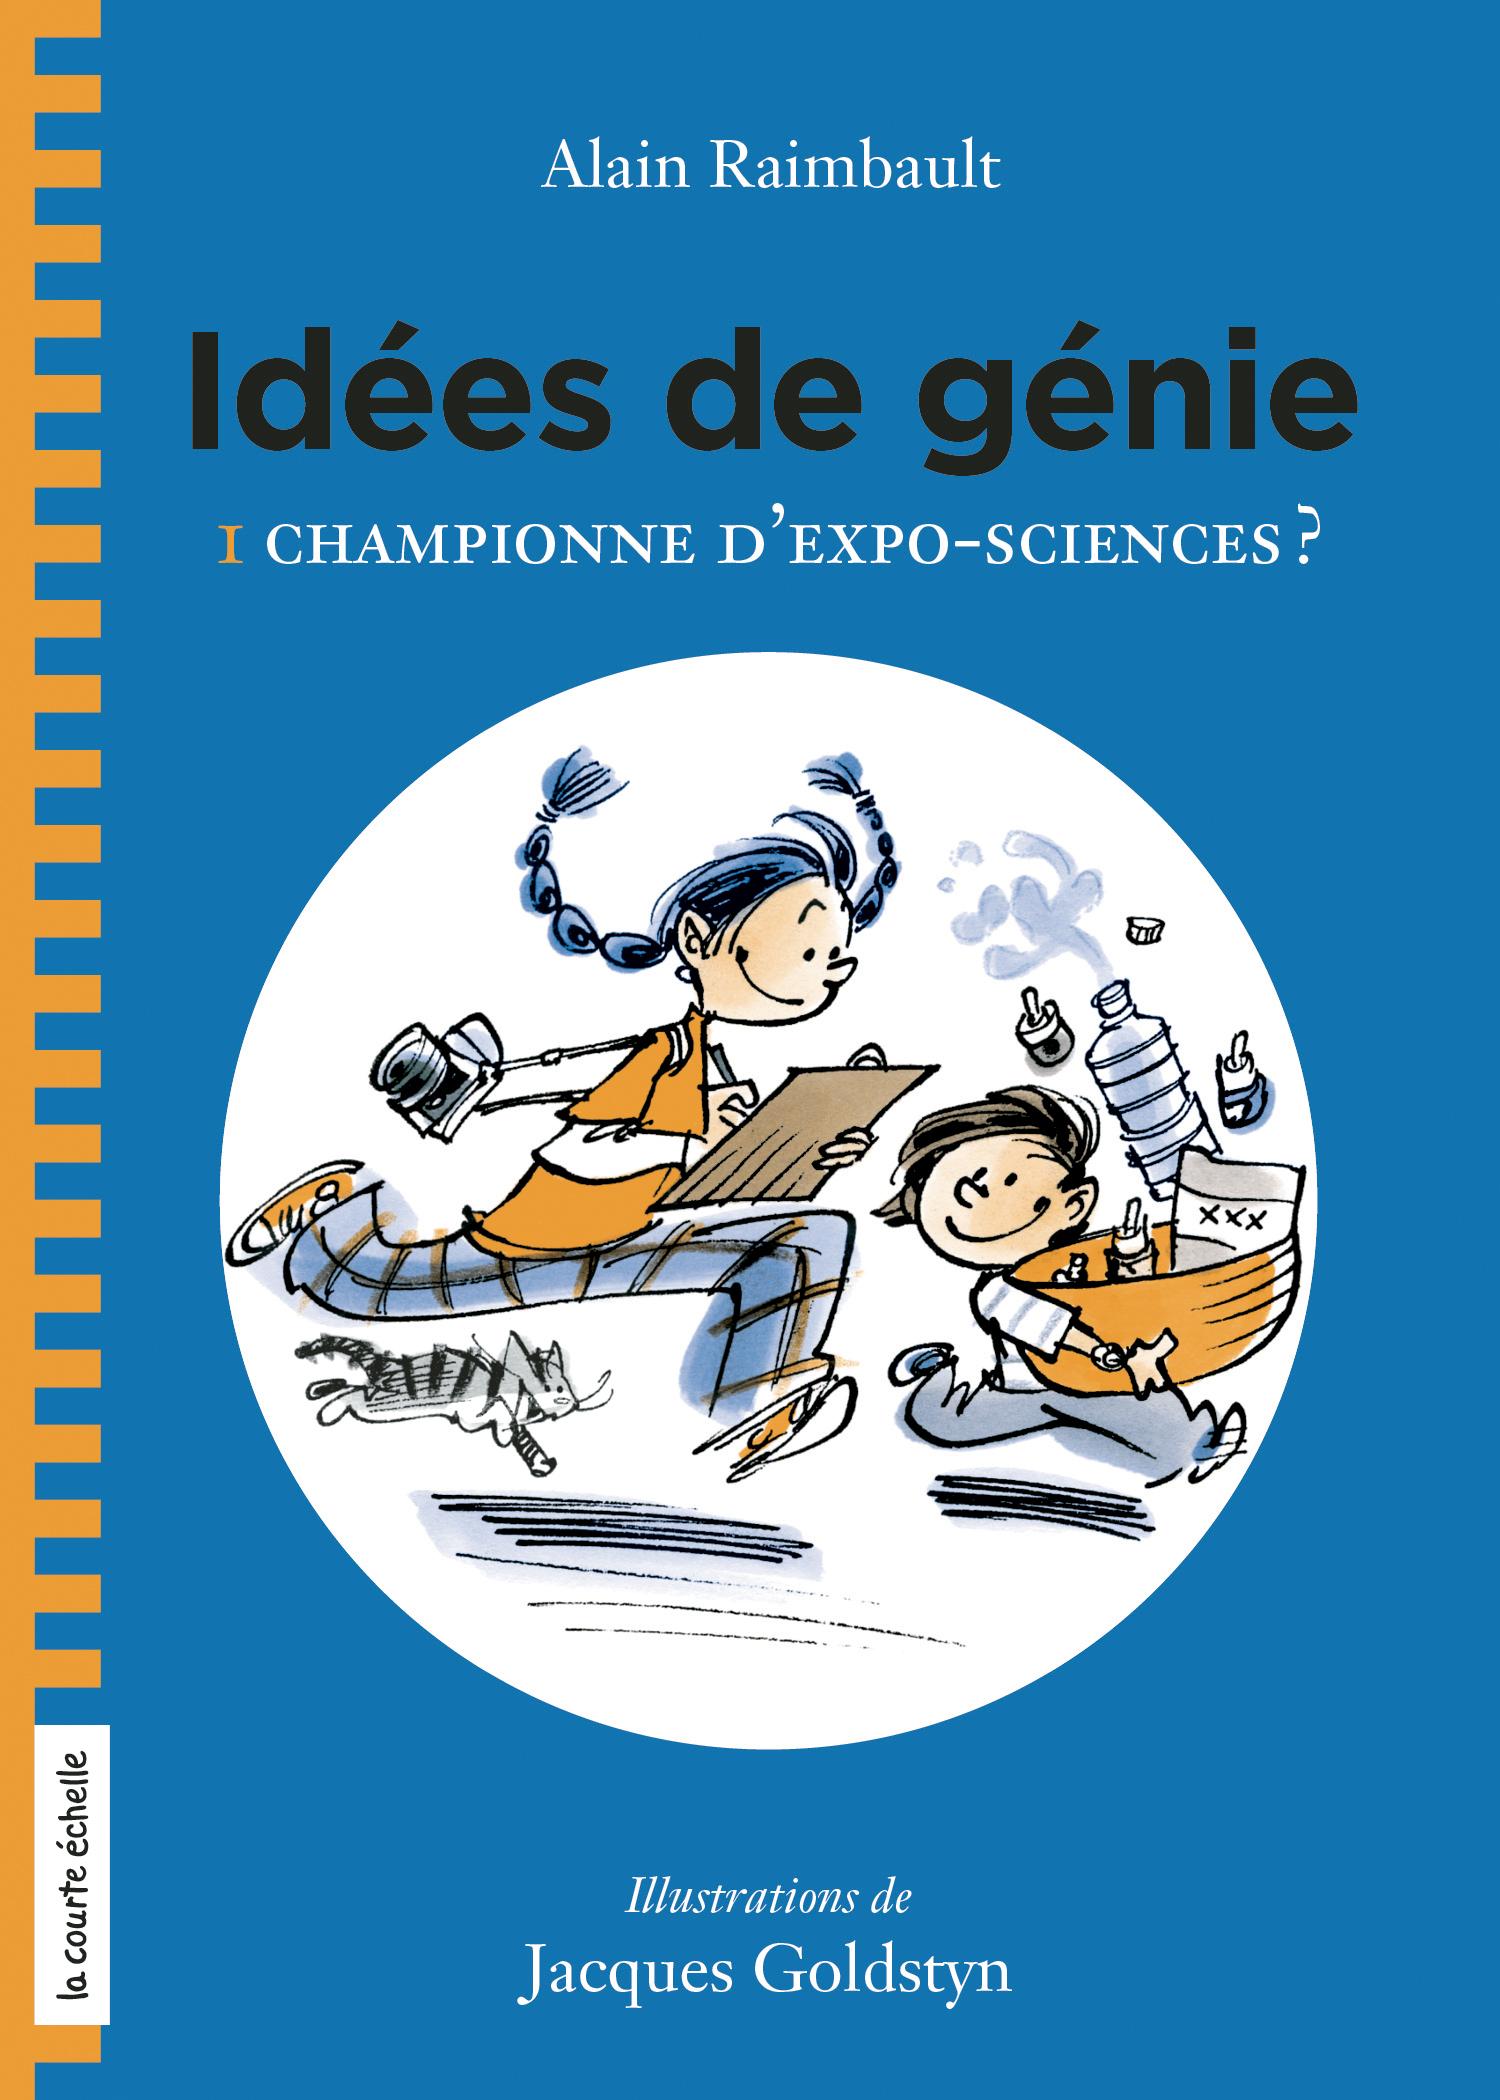 Championne d'Expo-sciences?